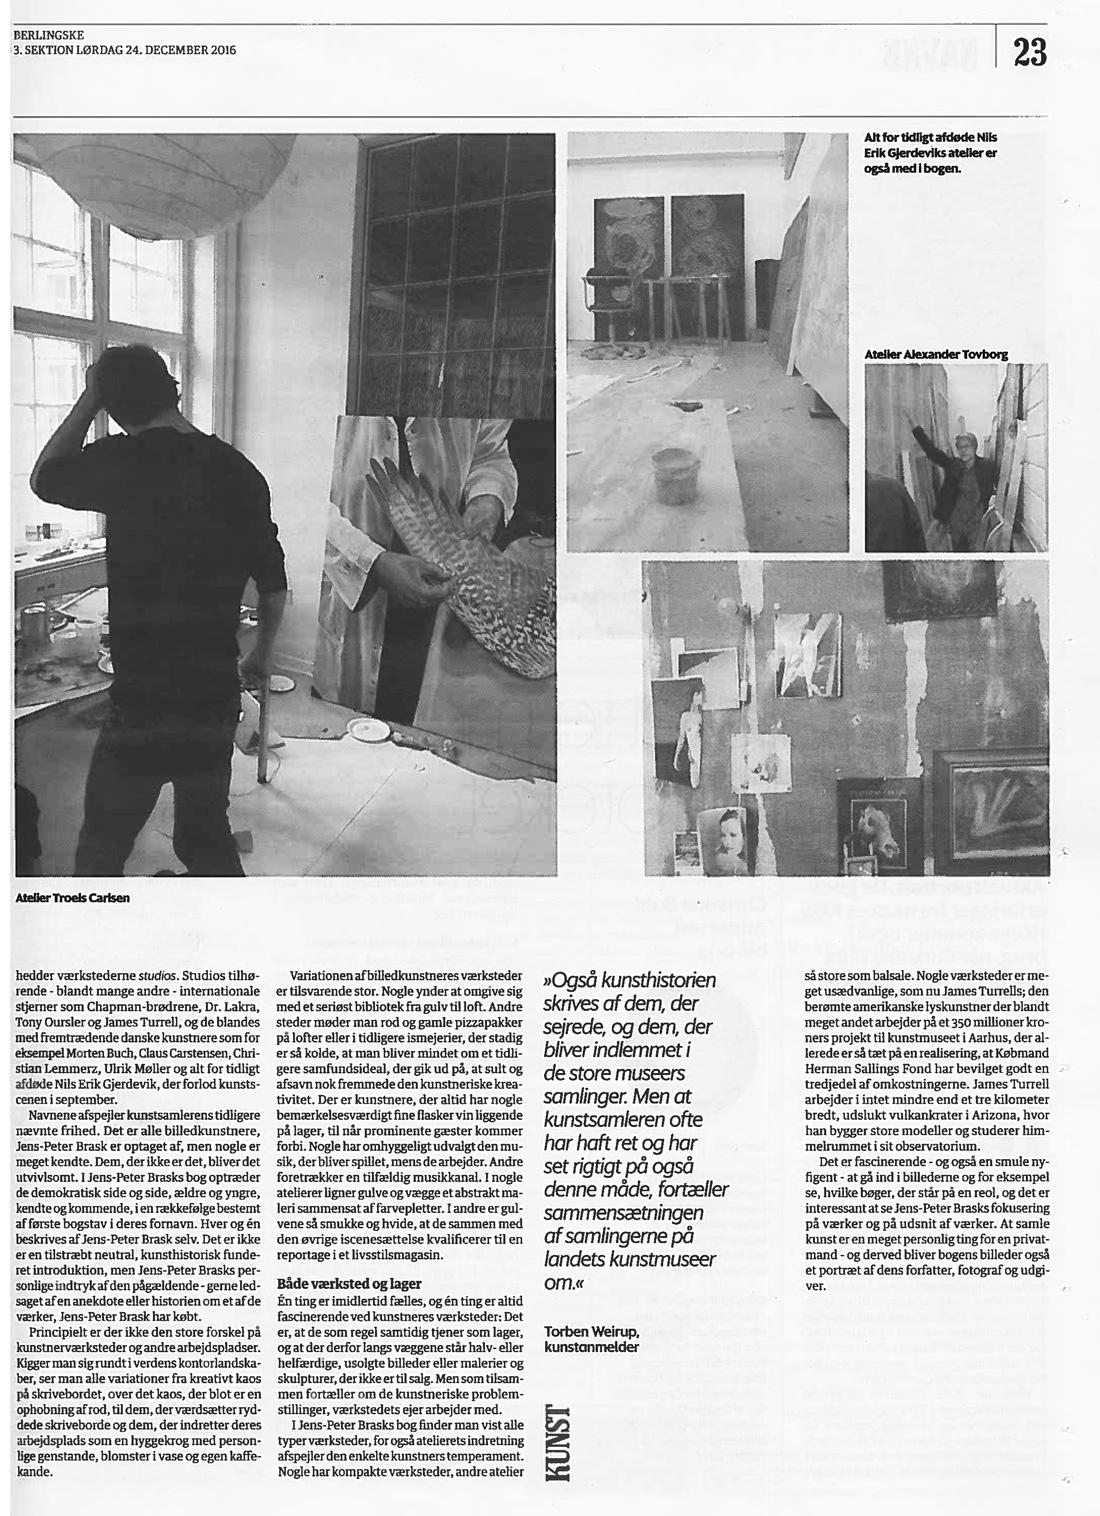 Berlingske Tidende, 24. december 2016